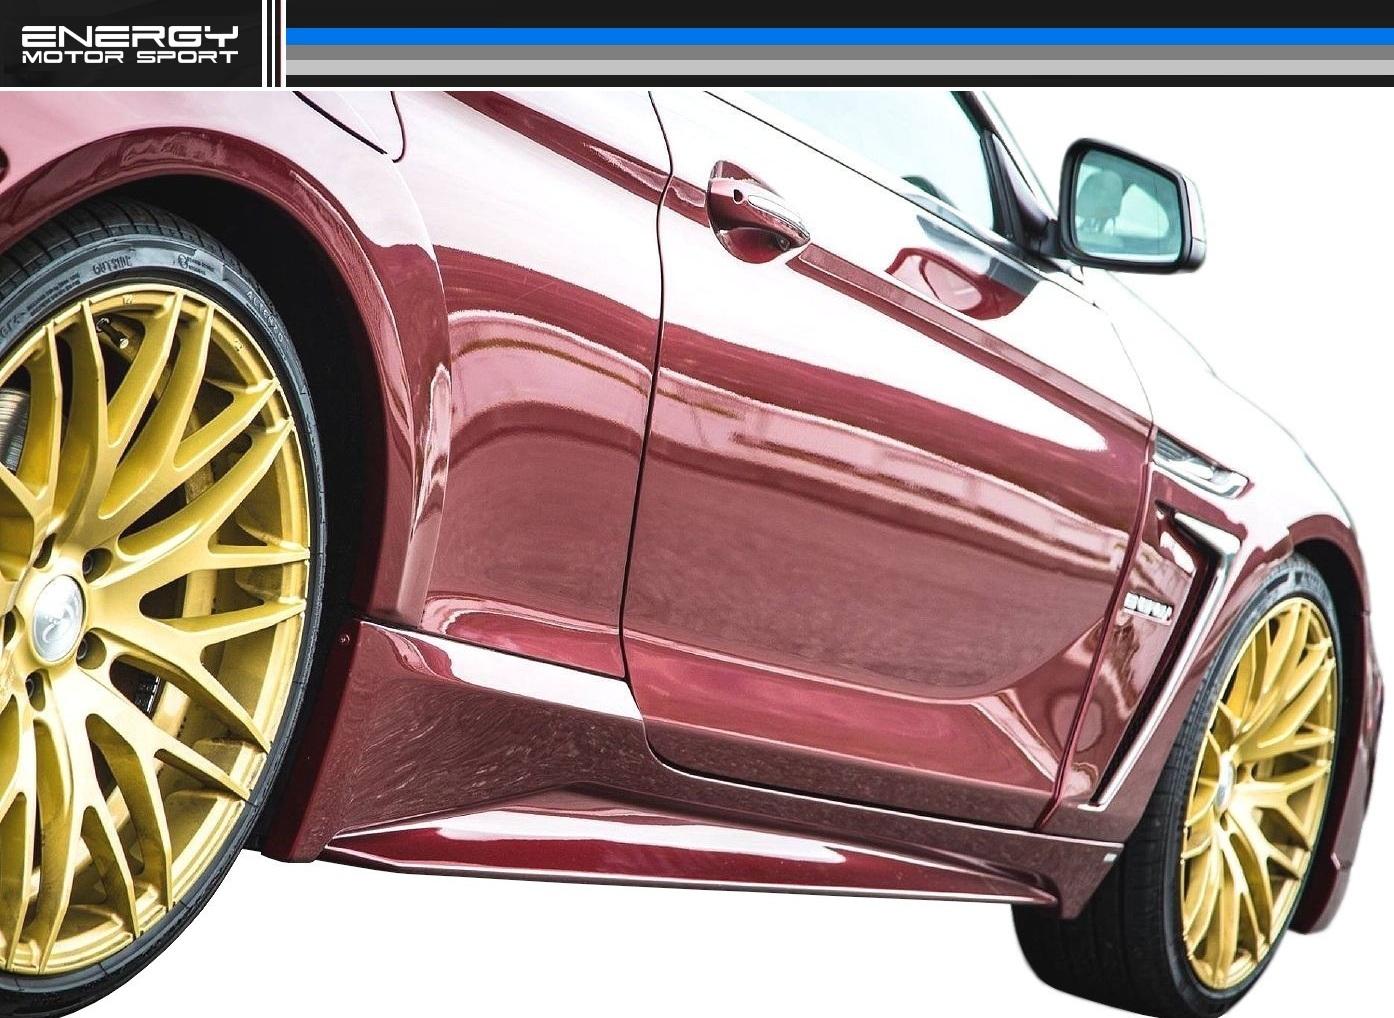 BMW 6シリーズ F12 F13 F06 サイド スポイラー(左右)ENERGY MOTOR SPORT エナジー モーター スポーツ エアロ クーペ カブリオレ グランクーペ M6